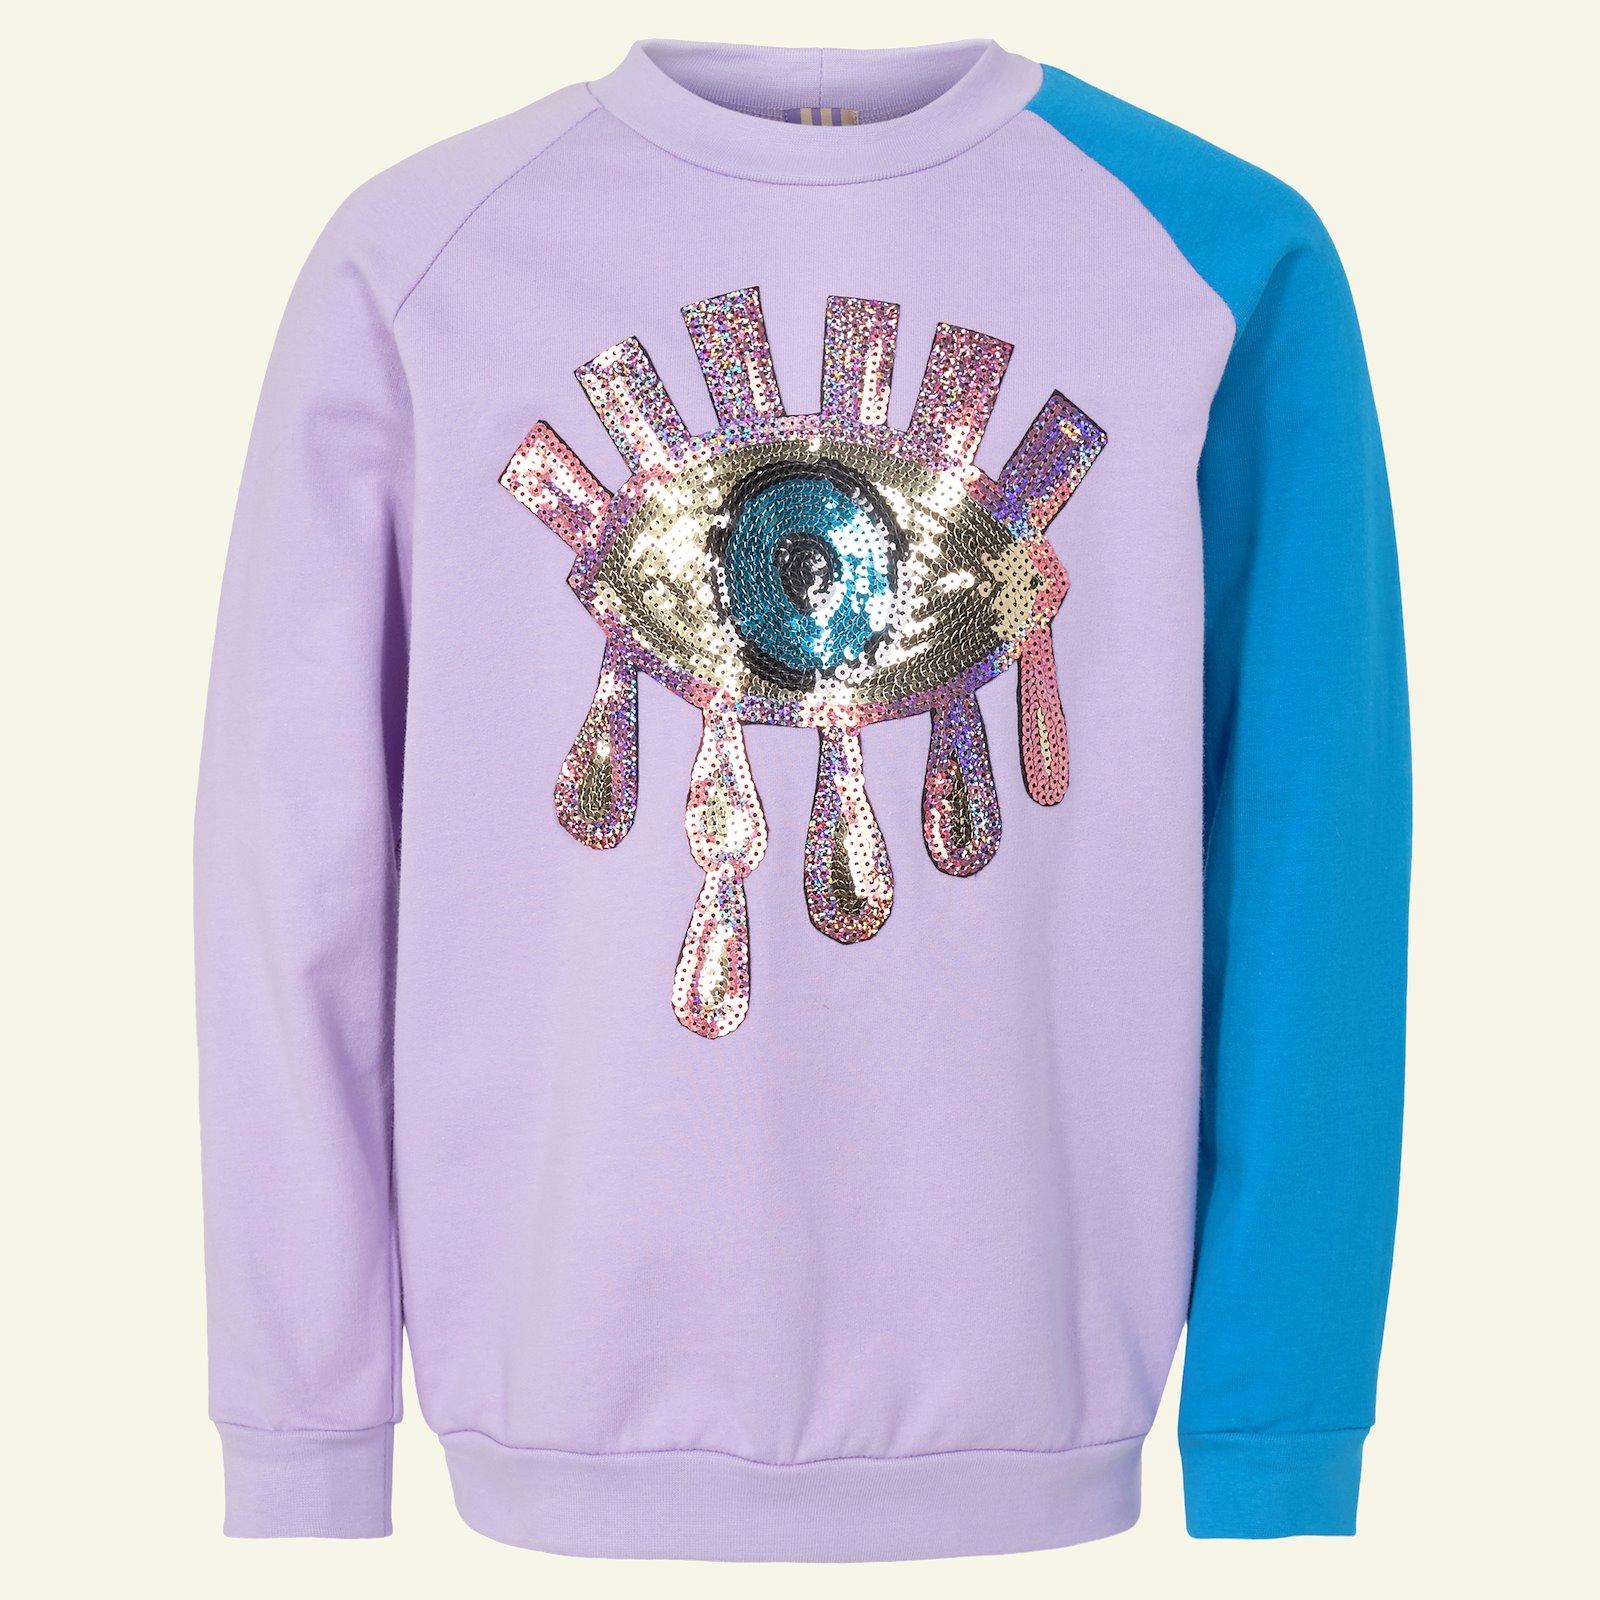 Sweatshirt with raglan sleeves, 134/9y p62015_211768_211772_230654_230058_26421_26455_sskit